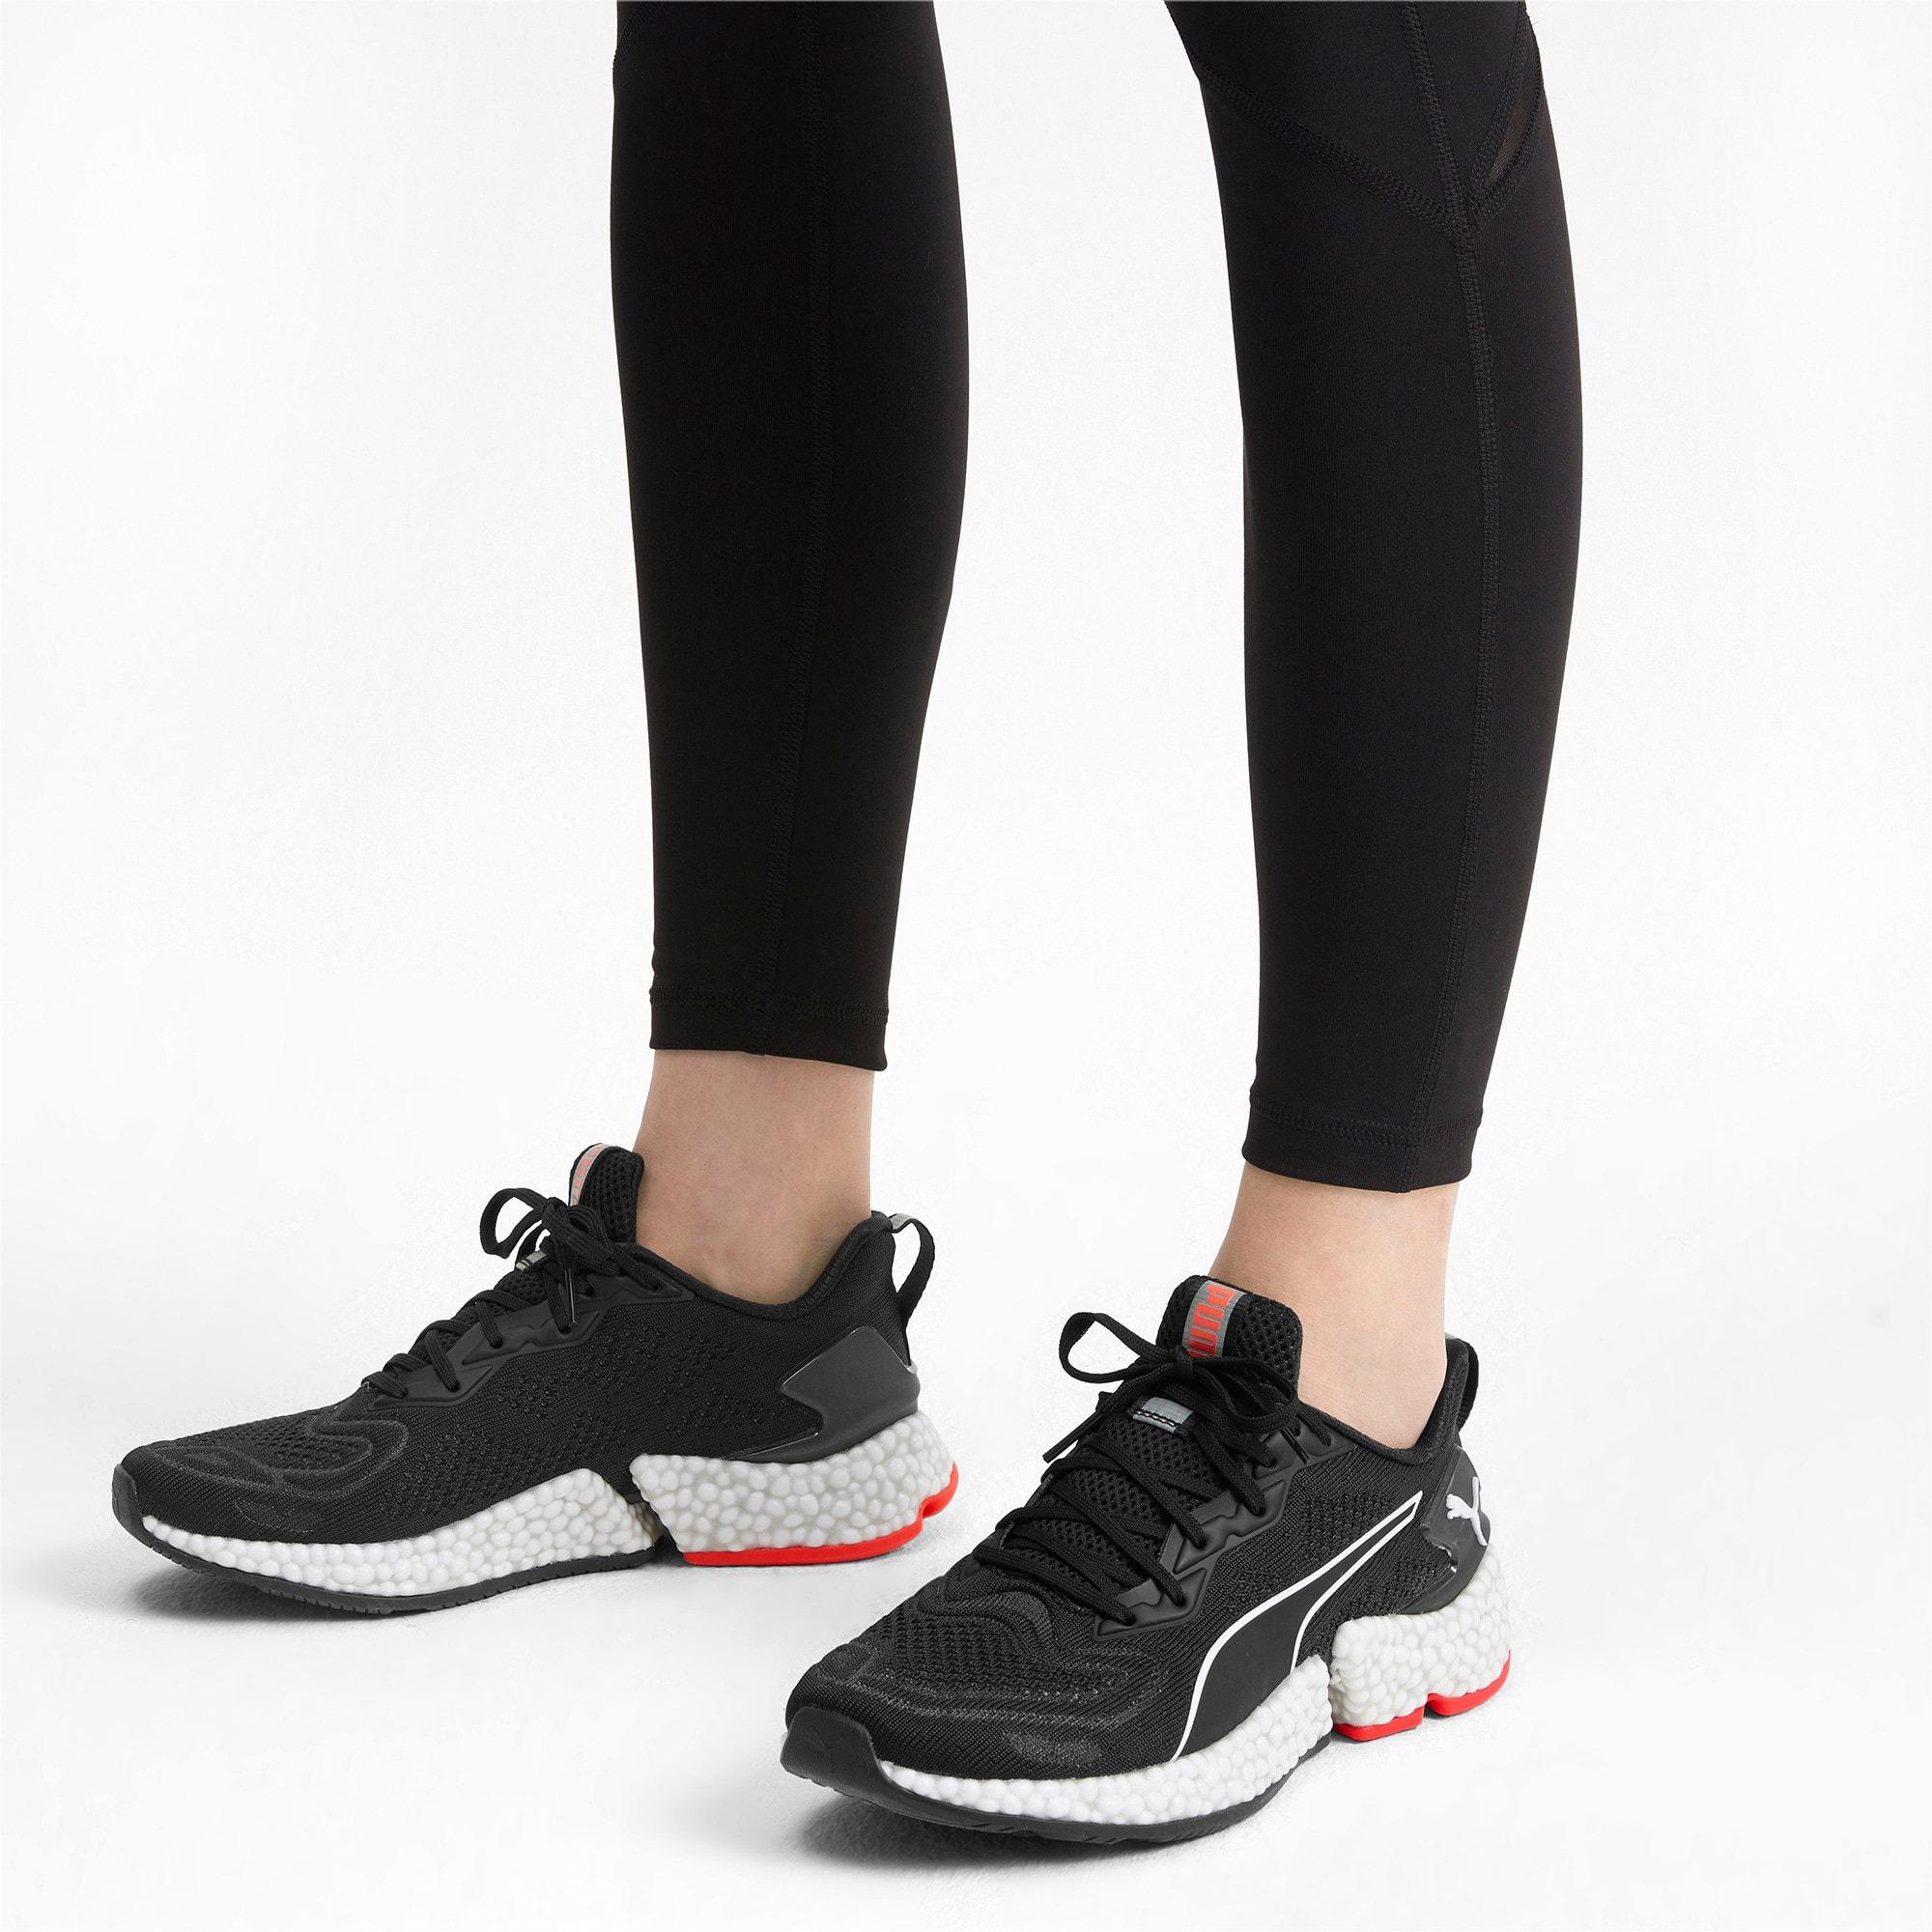 Thumbnail 2 of HYBRID SPEED Orbiter Women's Running Shoes, Black-Red-Milky Blue-White, medium